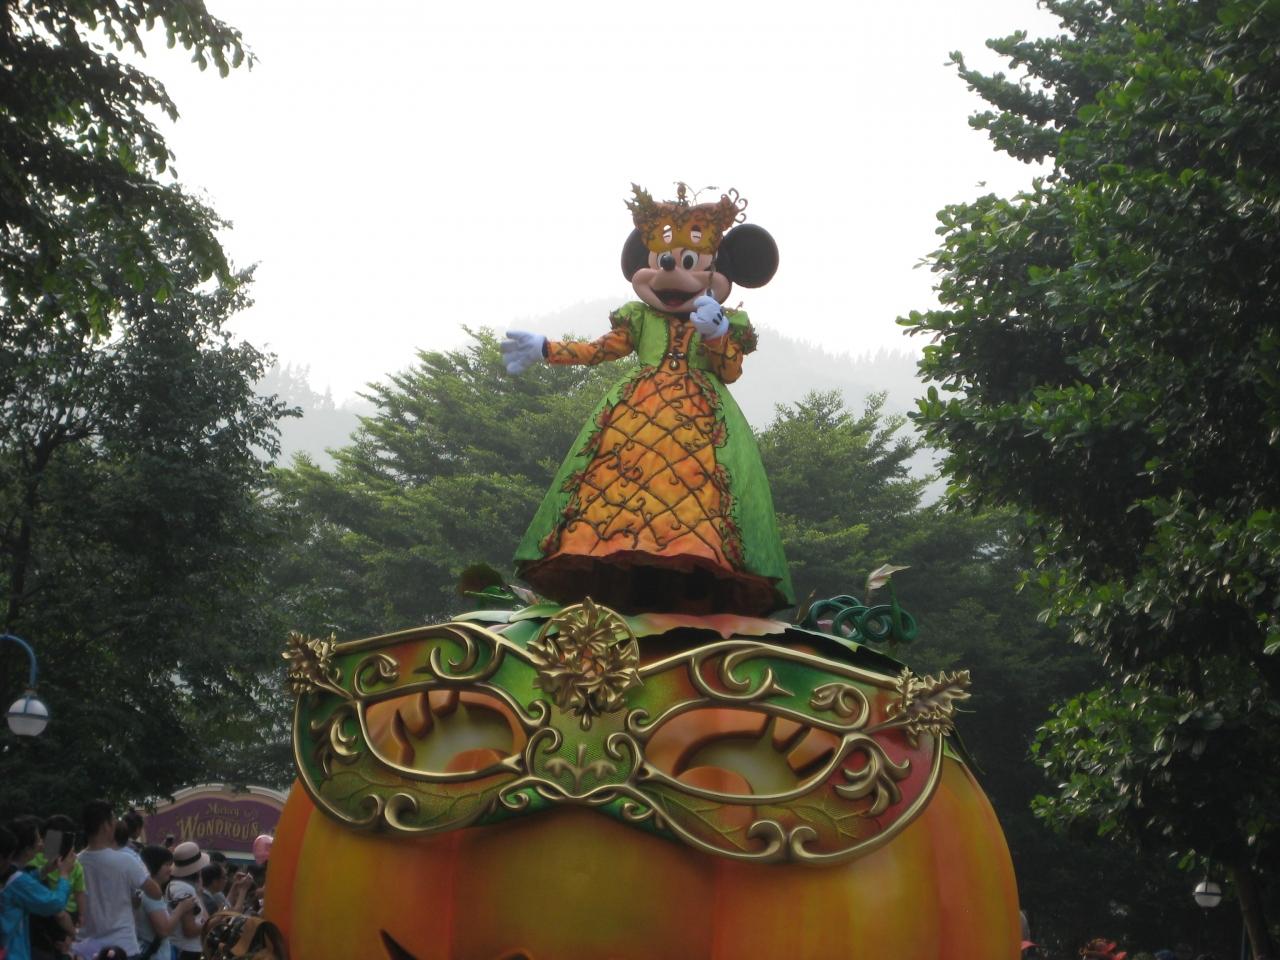 香港家族旅行3日目~香港ディズニーランド・ハロウィンパレード』香港